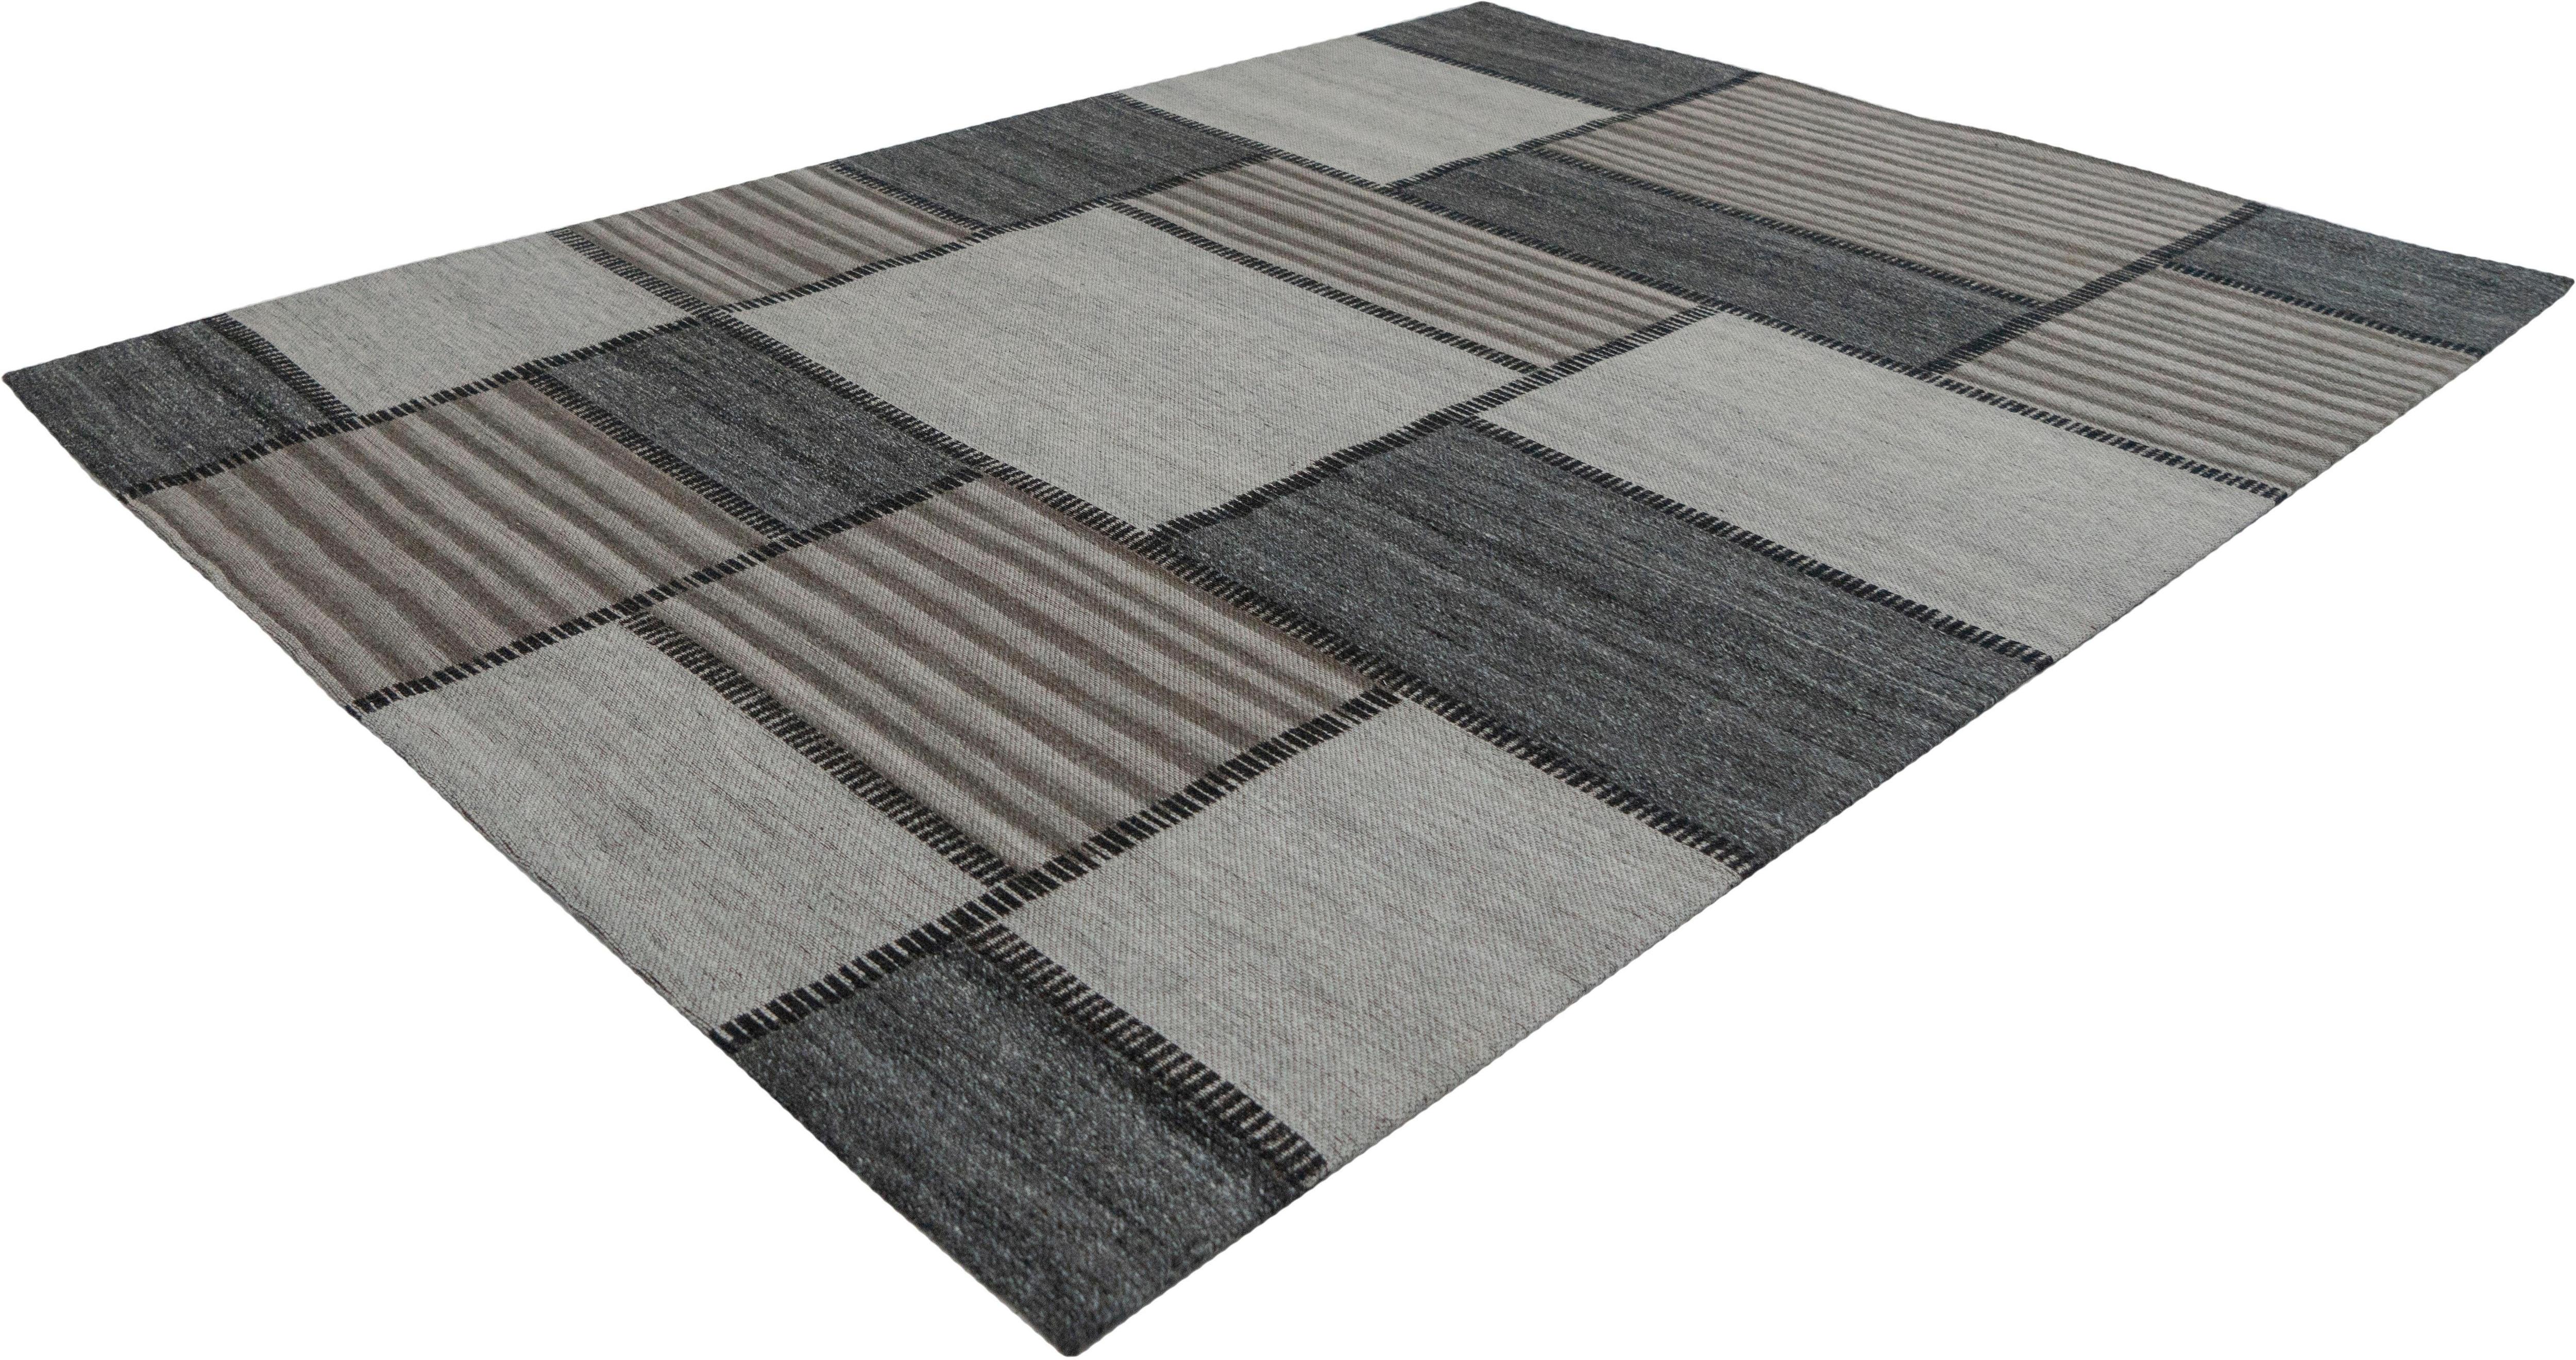 Teppich Roxy 120 calo-deluxe rechteckig Höhe 6 mm maschinell gewebt